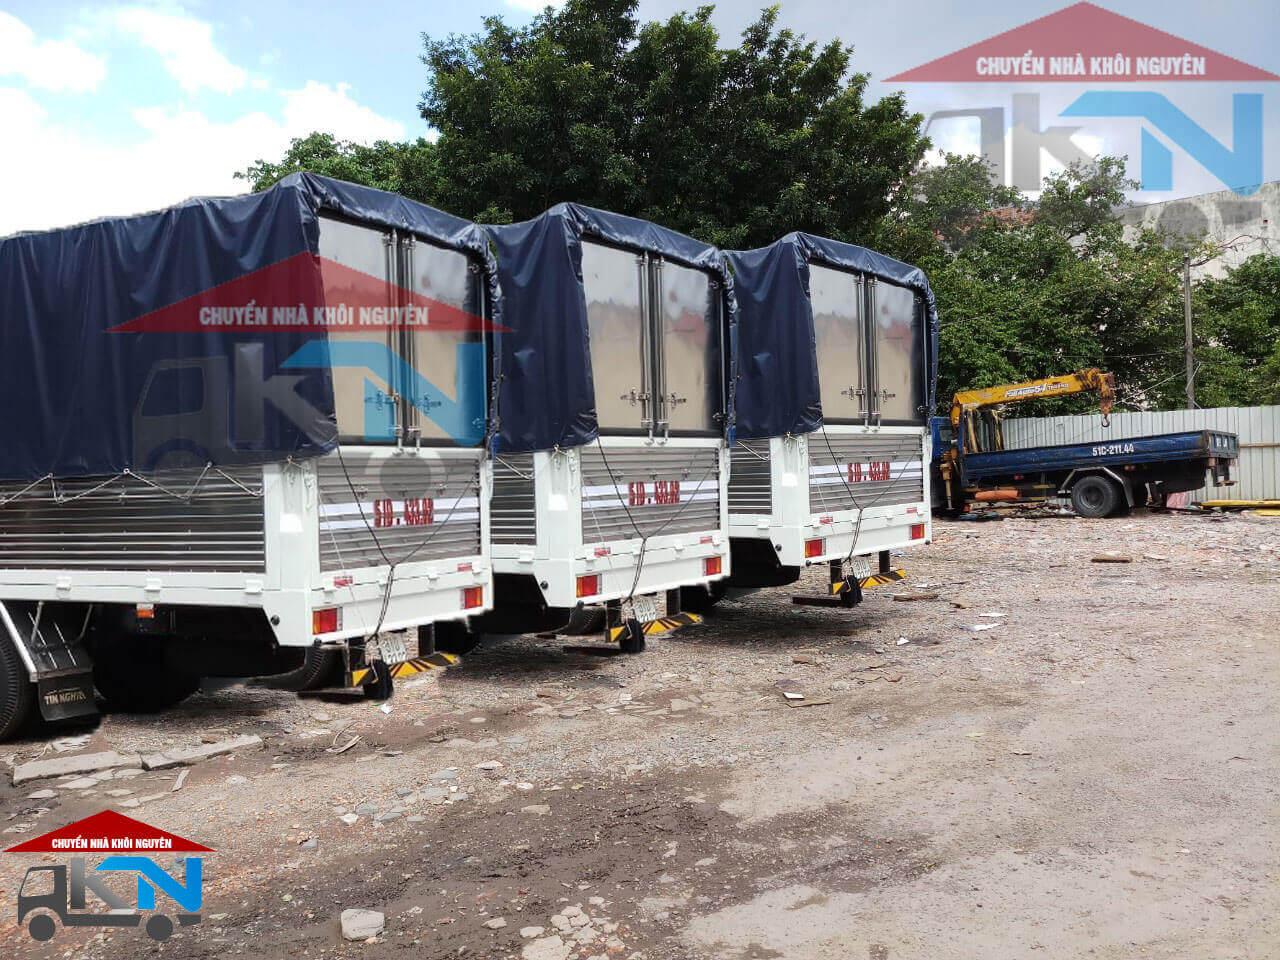 CHUYỂN NHÀ KHÔI NGUYÊN - Một trong những dịch vụ chuyển nhà trọn gói hàng đầu tại Hồ Chí Minh